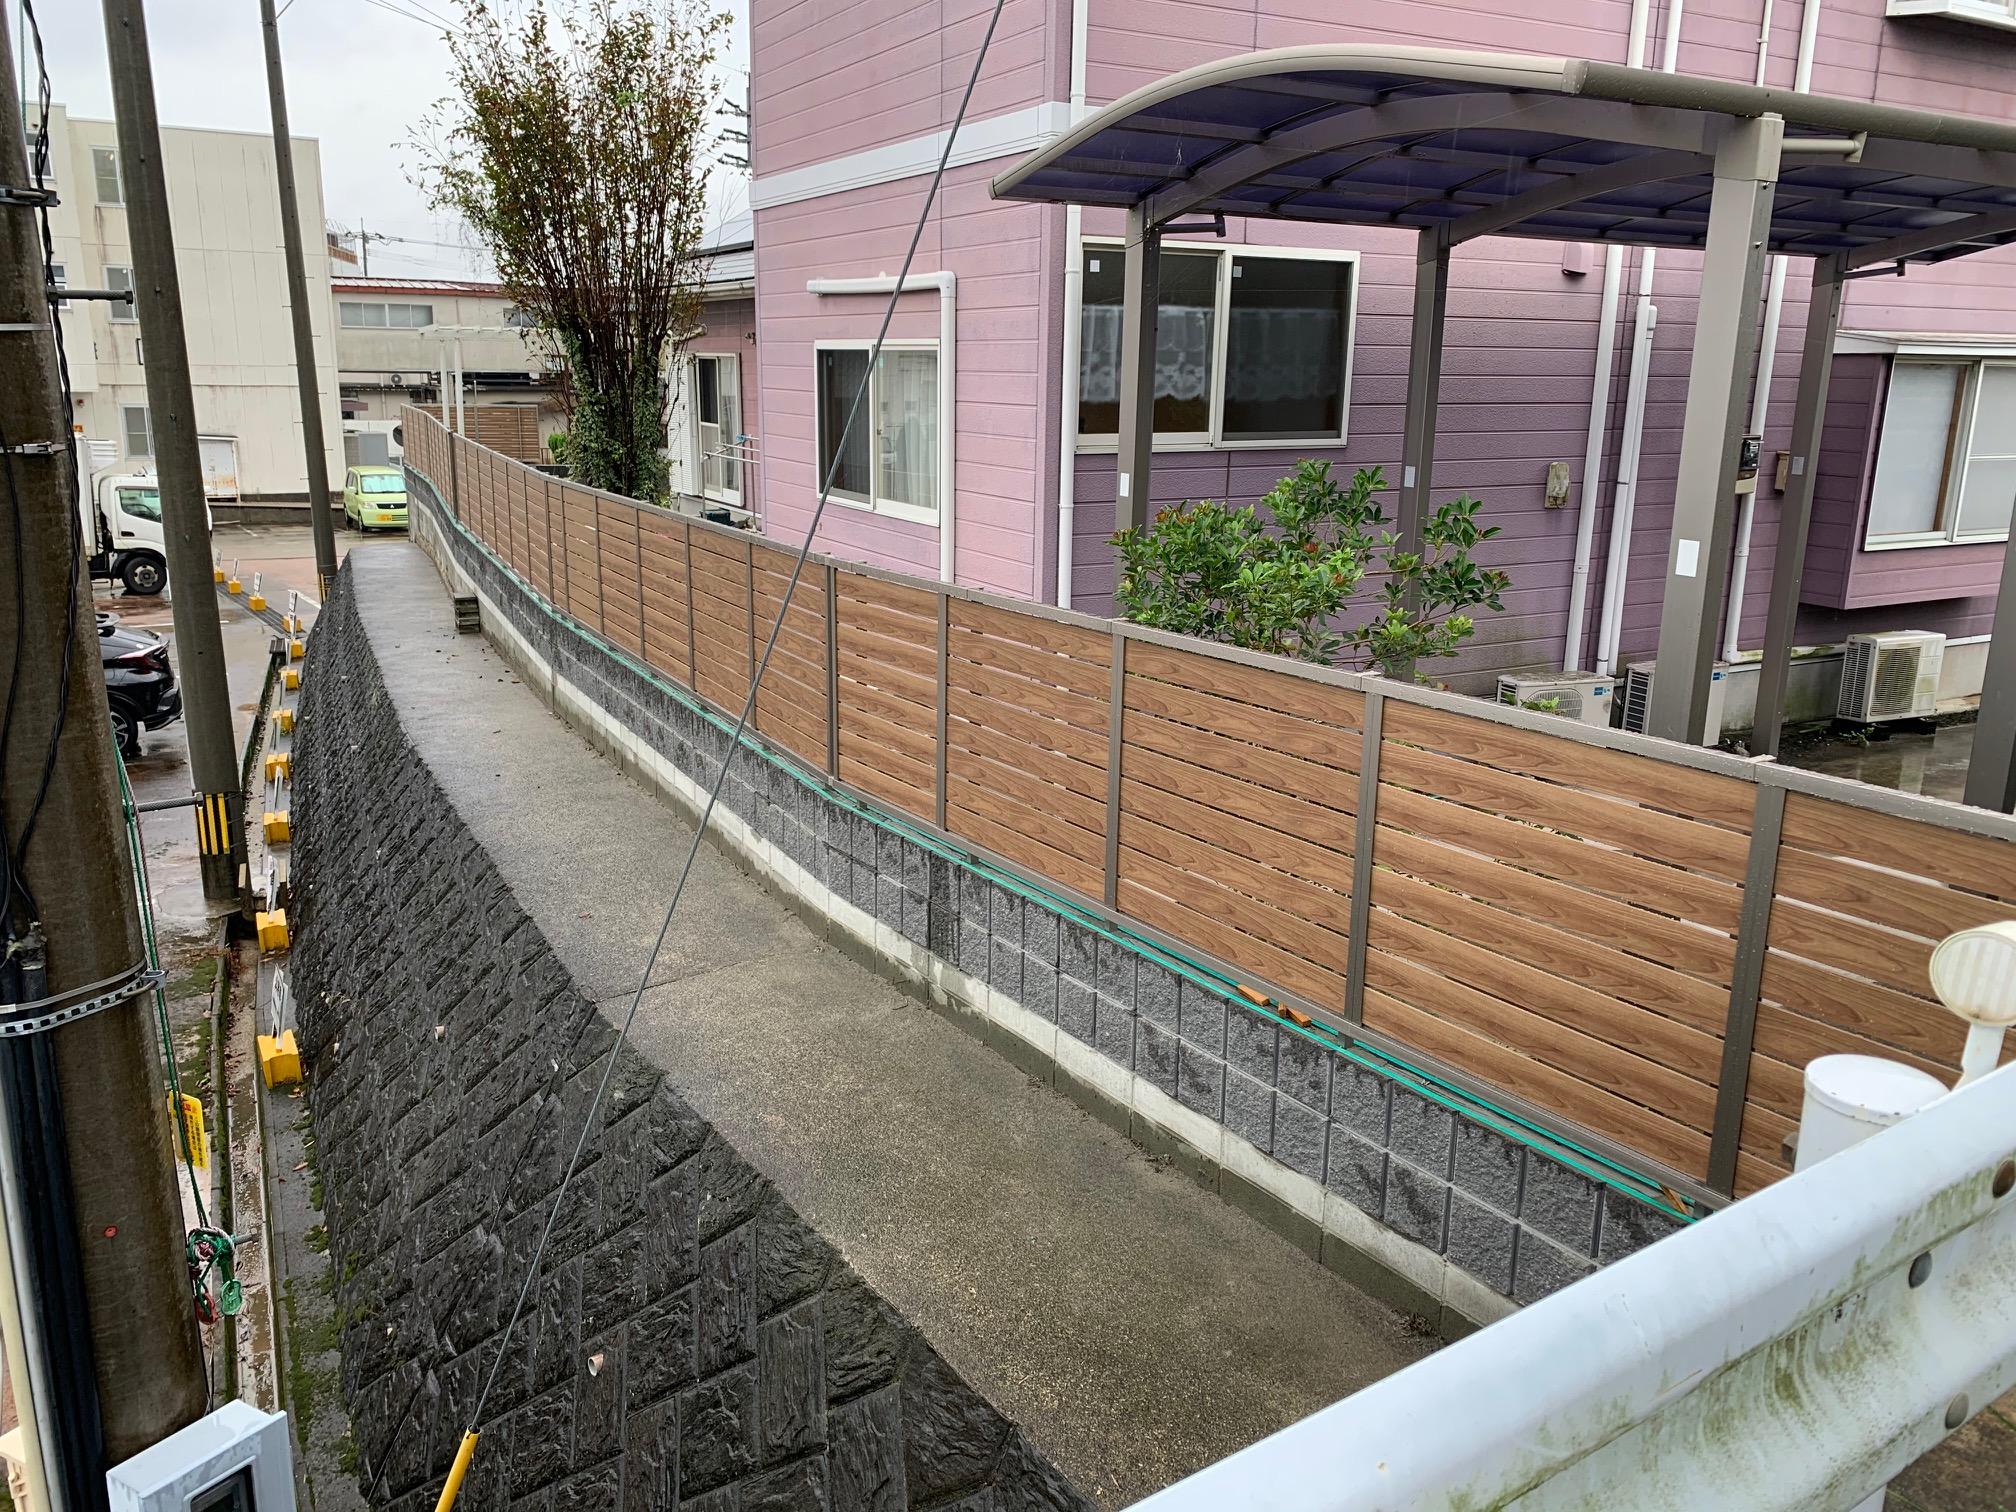 福岡トーヨー 大牟田店の目隠しフェンスと花粉症対策の施工後の写真1